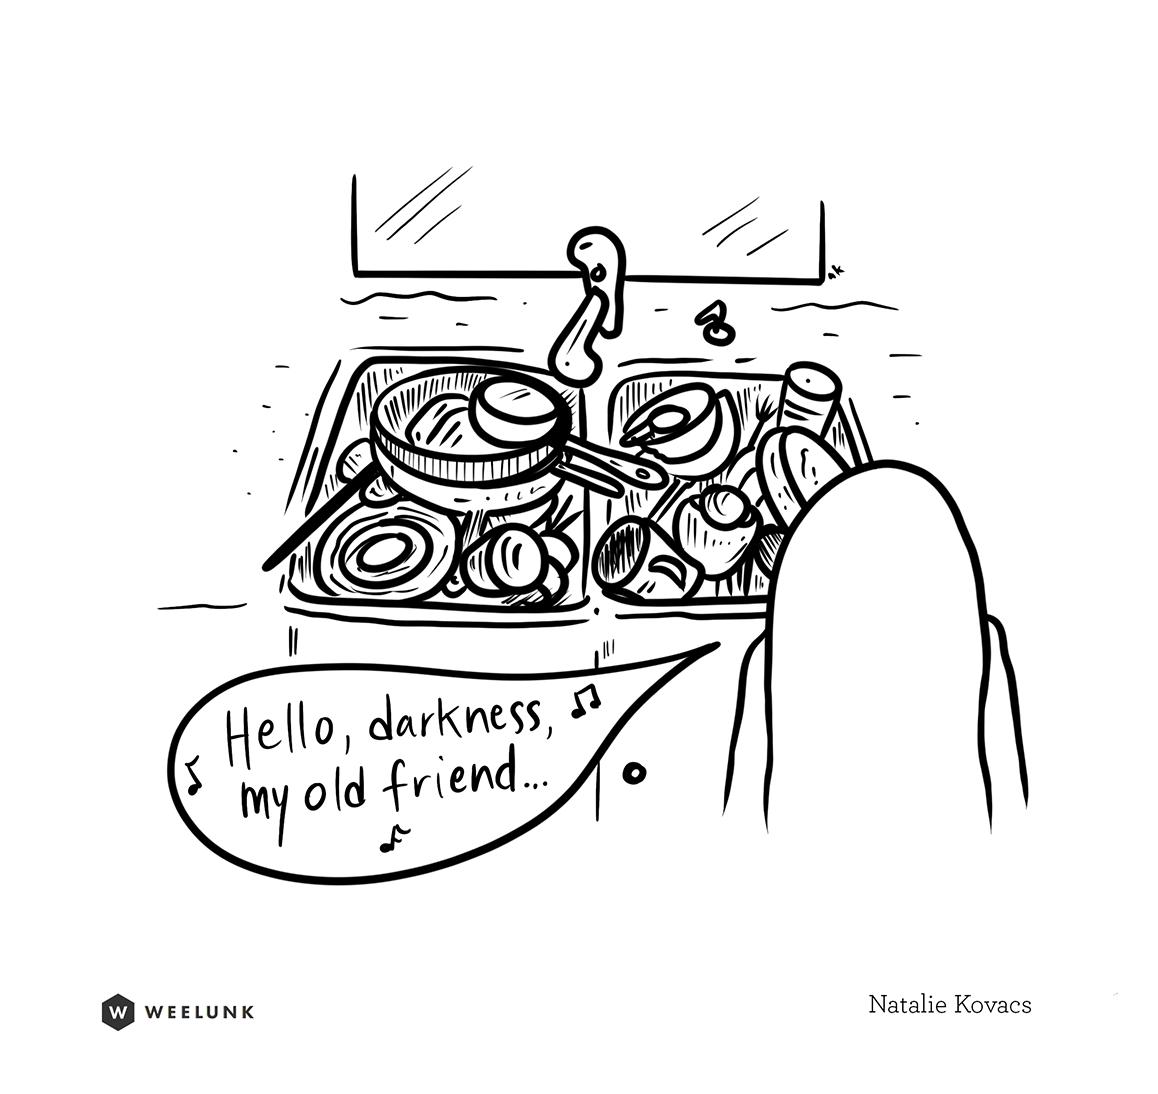 quarantine comics about Coronavirus - Episode 9